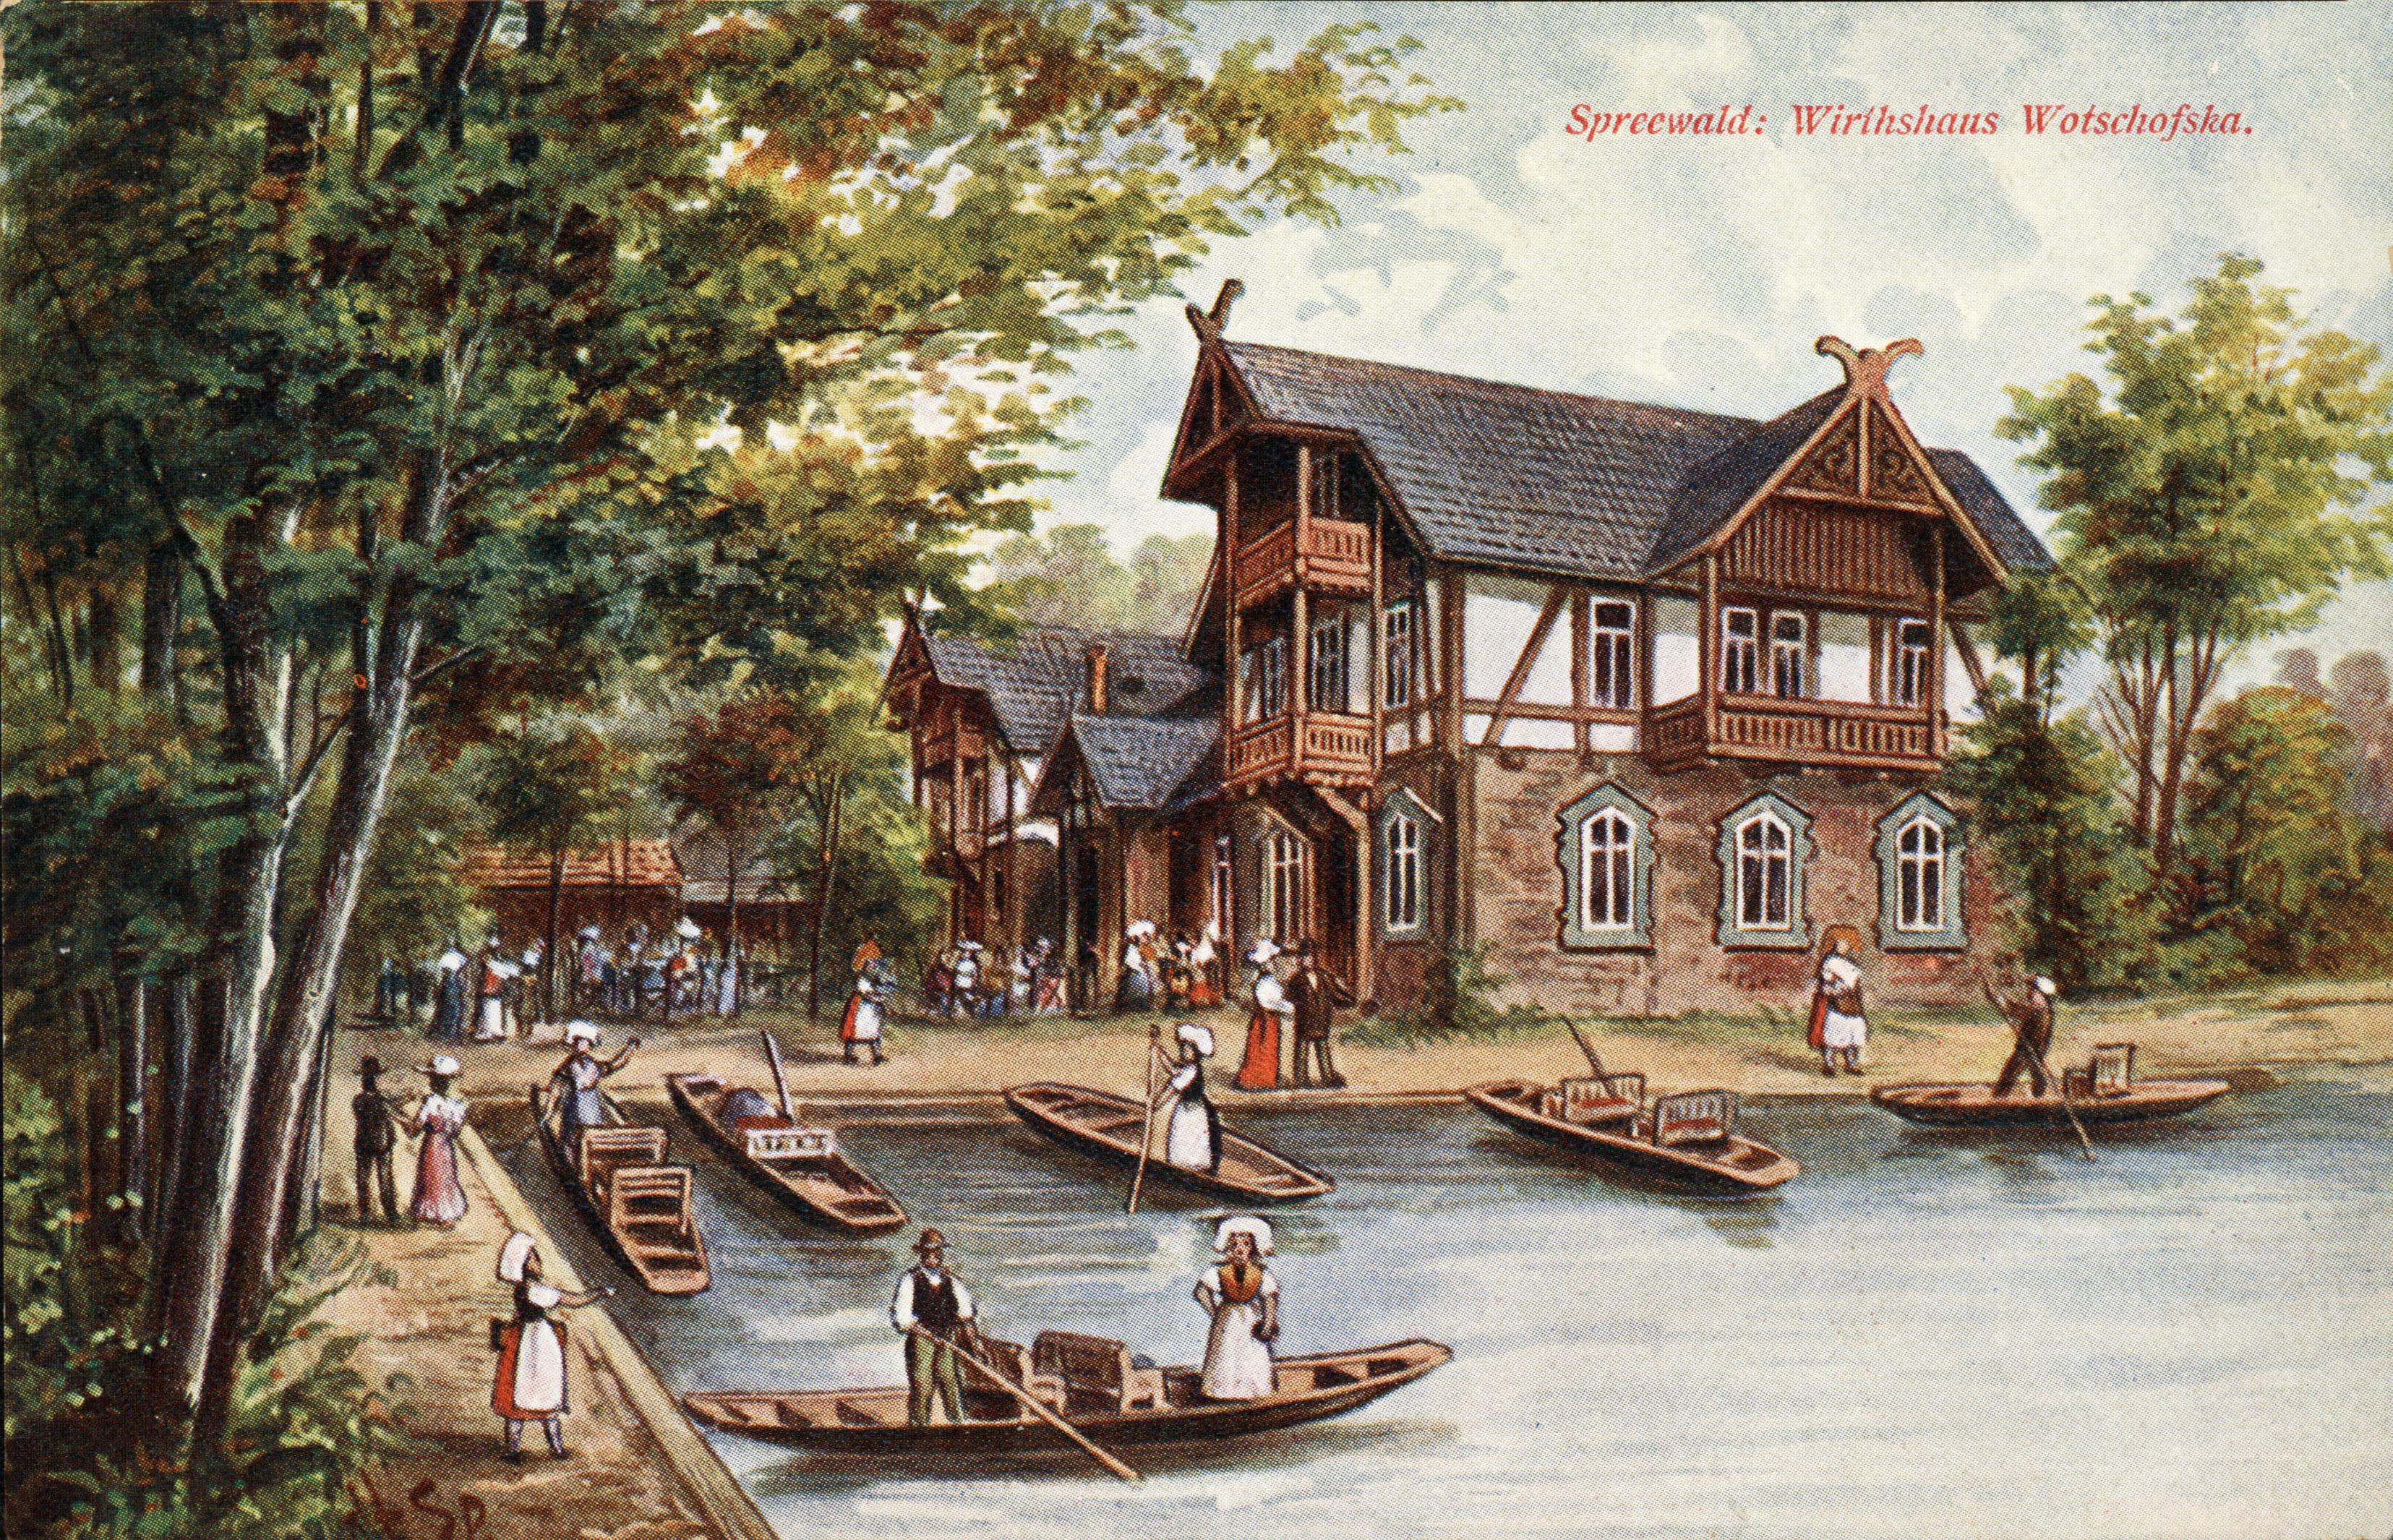 Historische Gaststätten im Spreewald – Seite 2 – Beckers Spreewaldblog